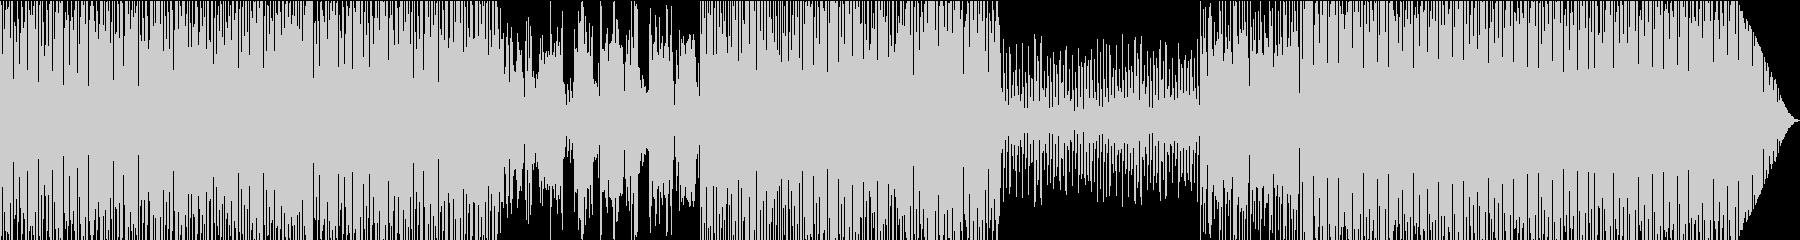 明るいUSAサウンドの未再生の波形